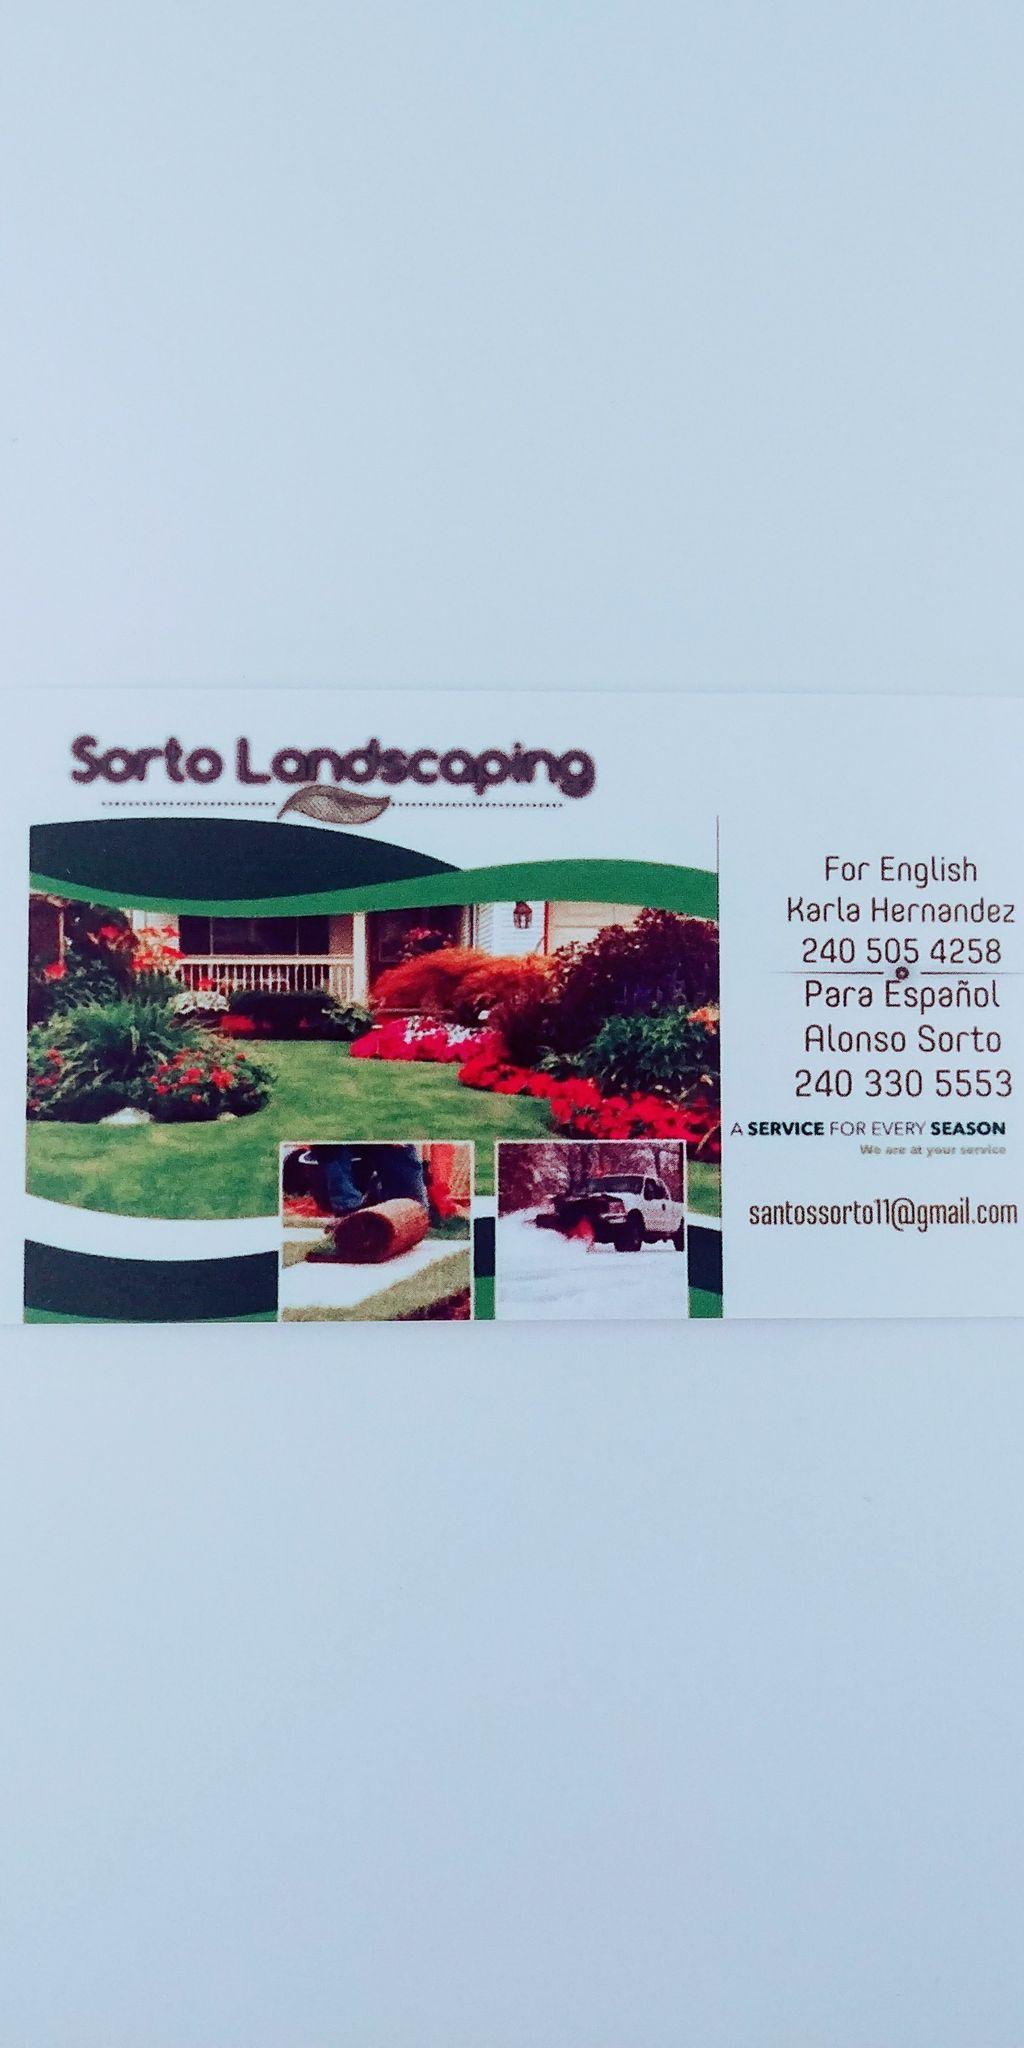 Sorto landscaping